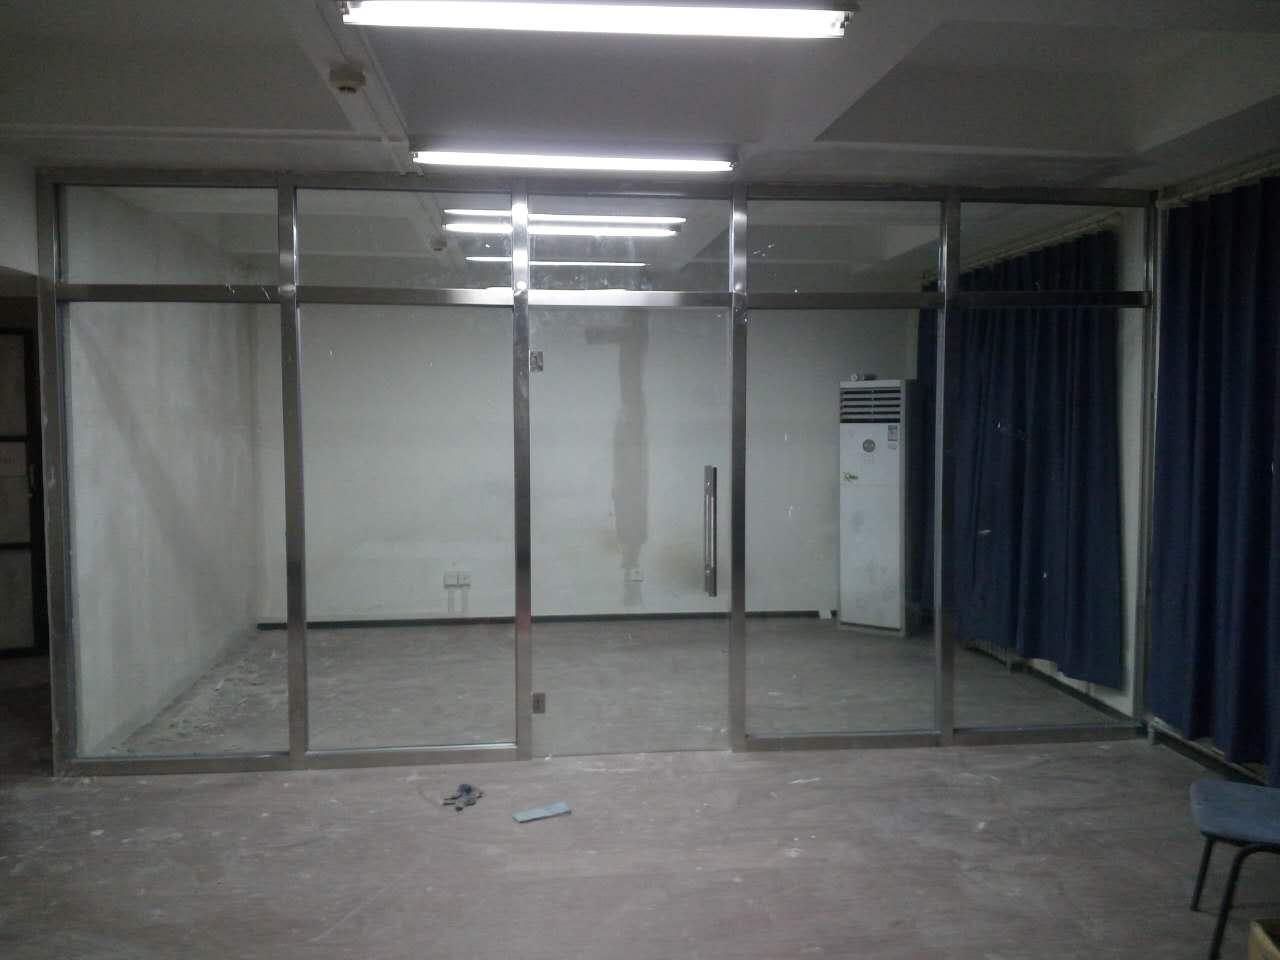 【西城区鼓楼伸缩玻璃隔断图纸】价格,厂家,图起重机安装臂厂家图片